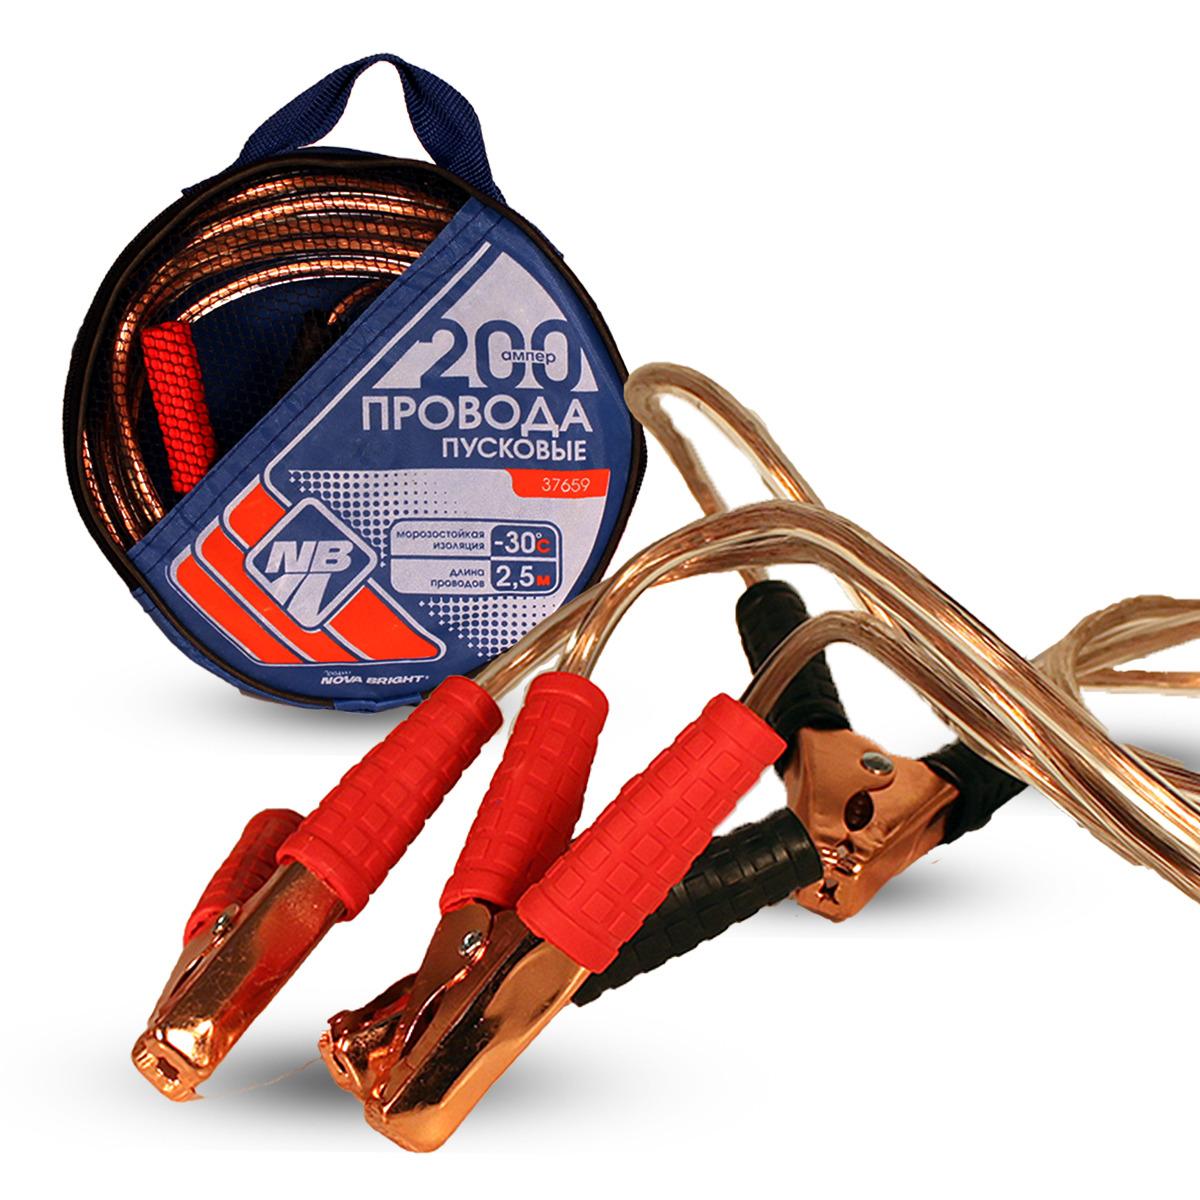 Провода вспомогательного запуска Nova Bright, морозостойкие, с прозрачной изоляцией, 200 А, 37659, разноцветный, 2,5 м провода пусковые zebra 200а